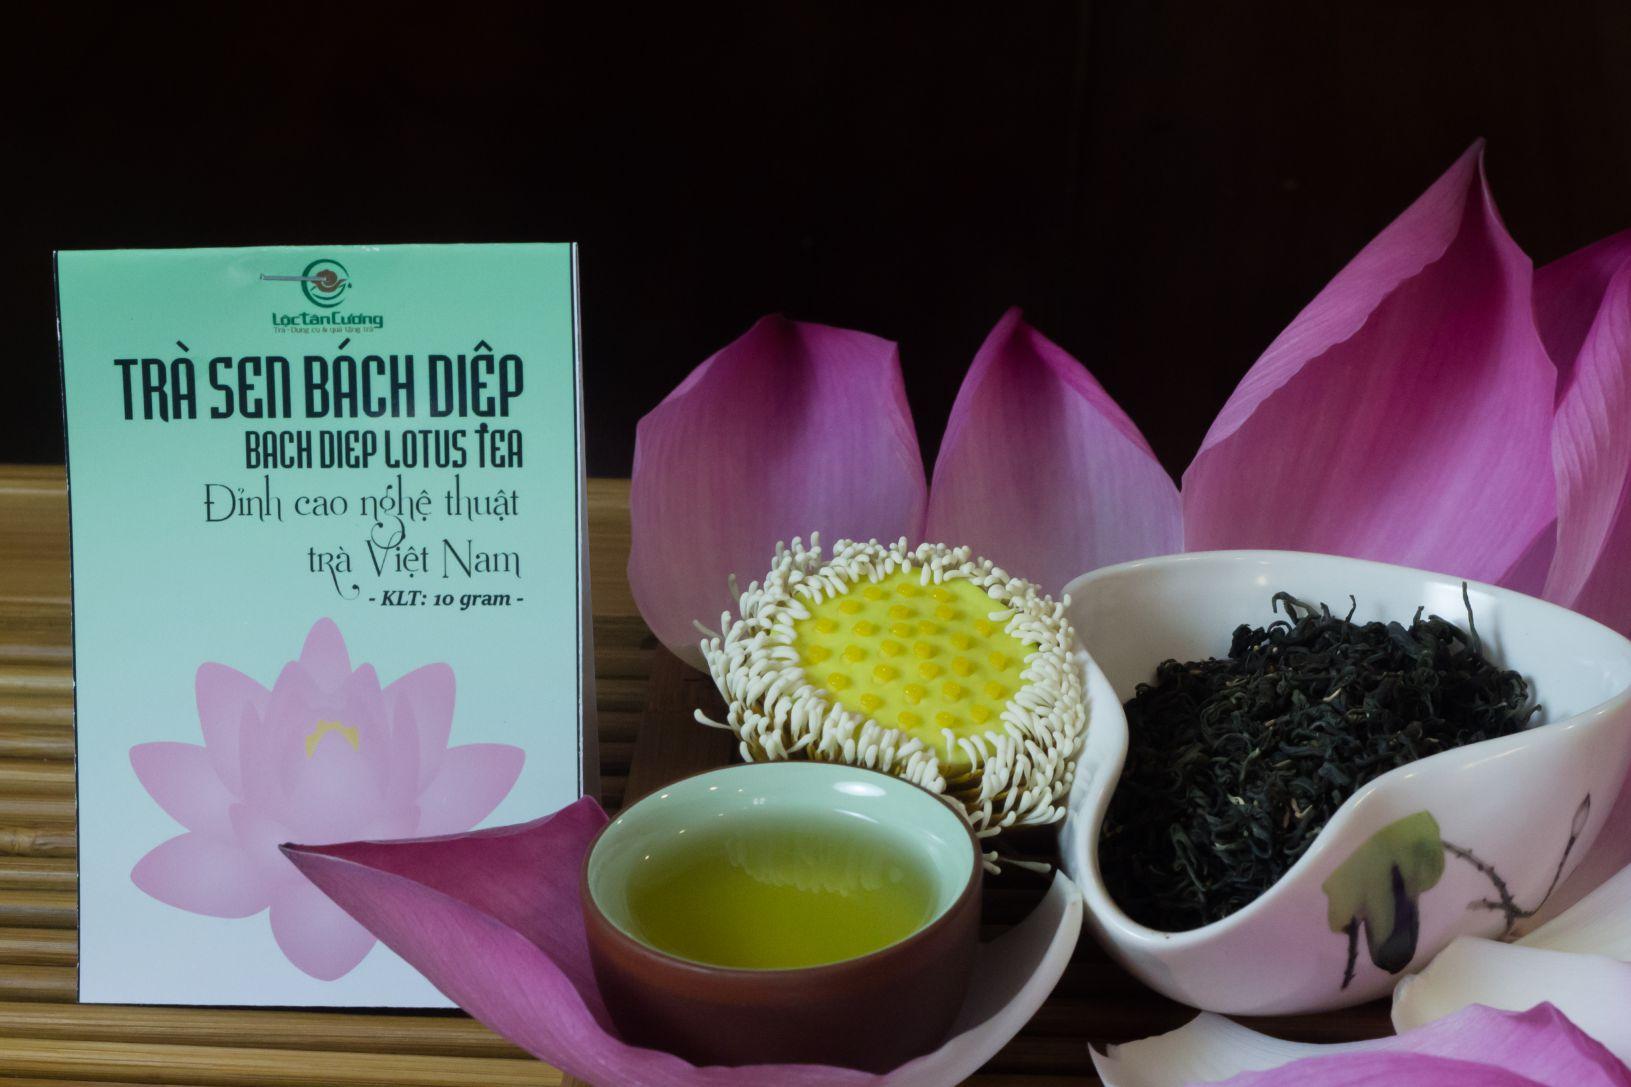 Trà ướp sen có rất nhiều lợi ích với sức khỏe và tinh thần người sử dụng